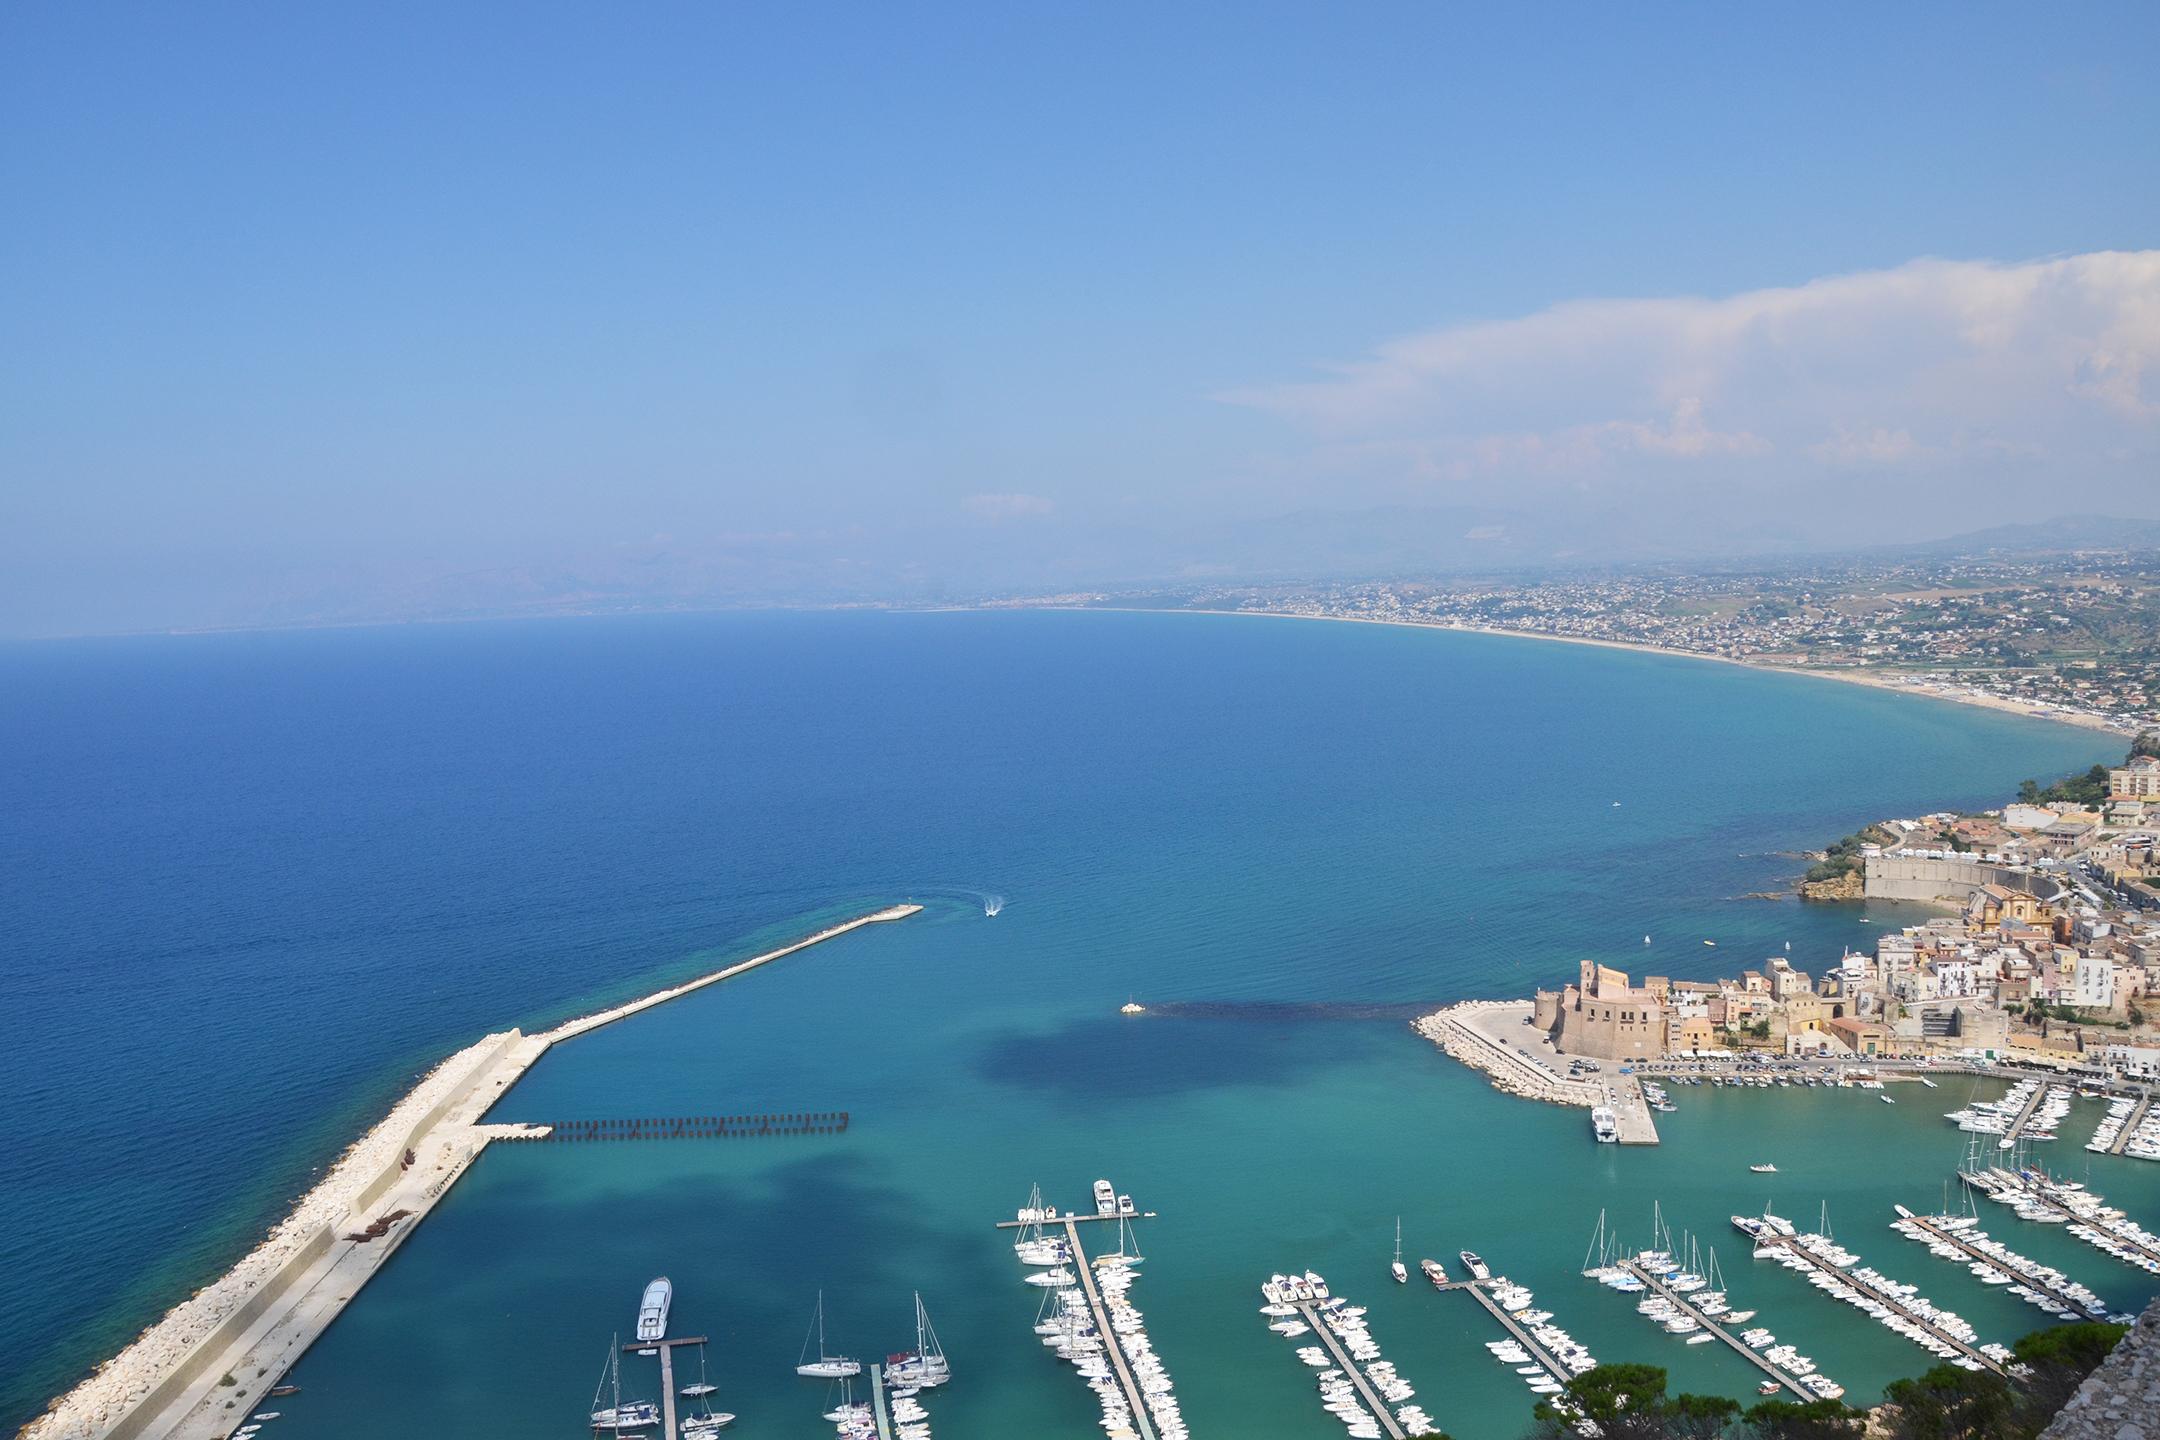 alessia-canella-sicilia-monreale-mare-porto